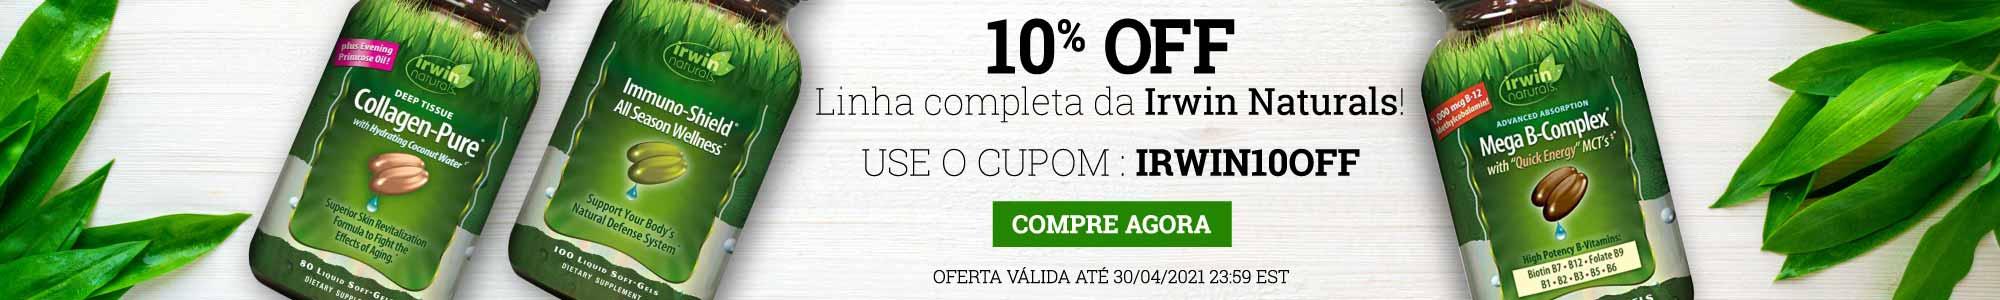 10% off linha completa da Irwin Naturals. Use o cupom: irwin10off Compre agora.